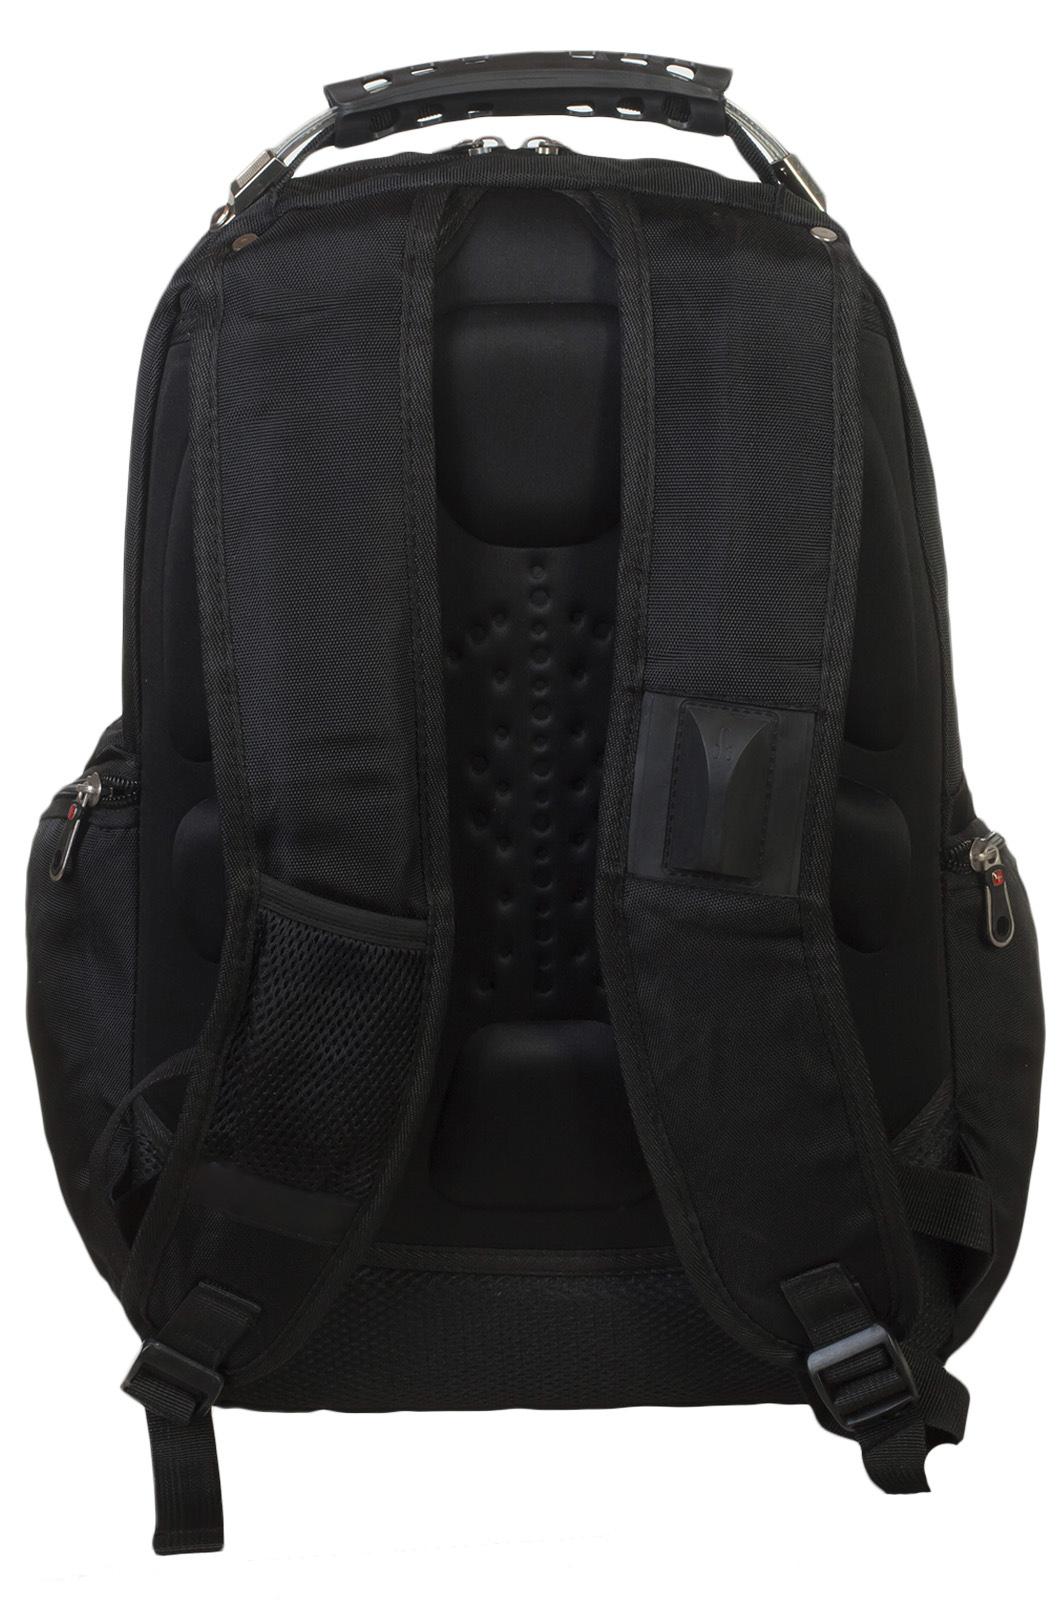 Классный городской рюкзак с флагом Таможенной службы купить онлайн